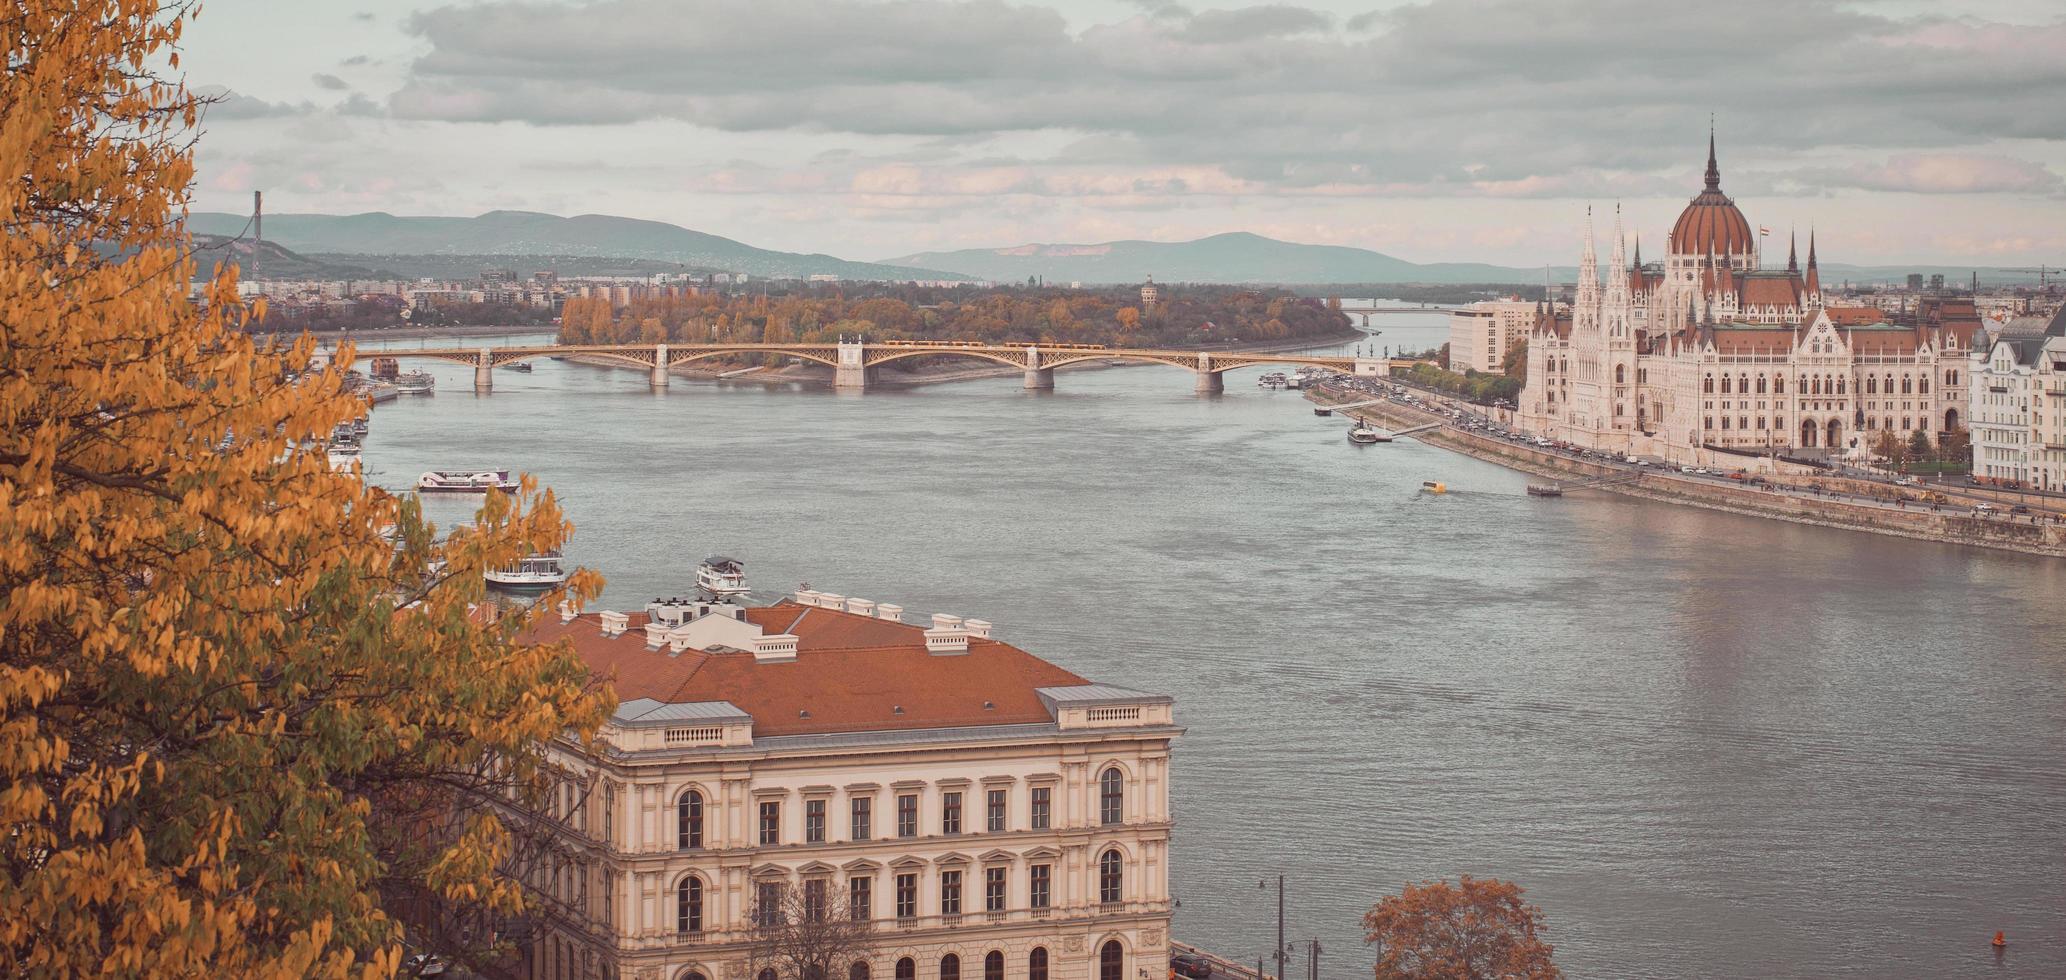 plan d'eau, pont et bâtiments photo